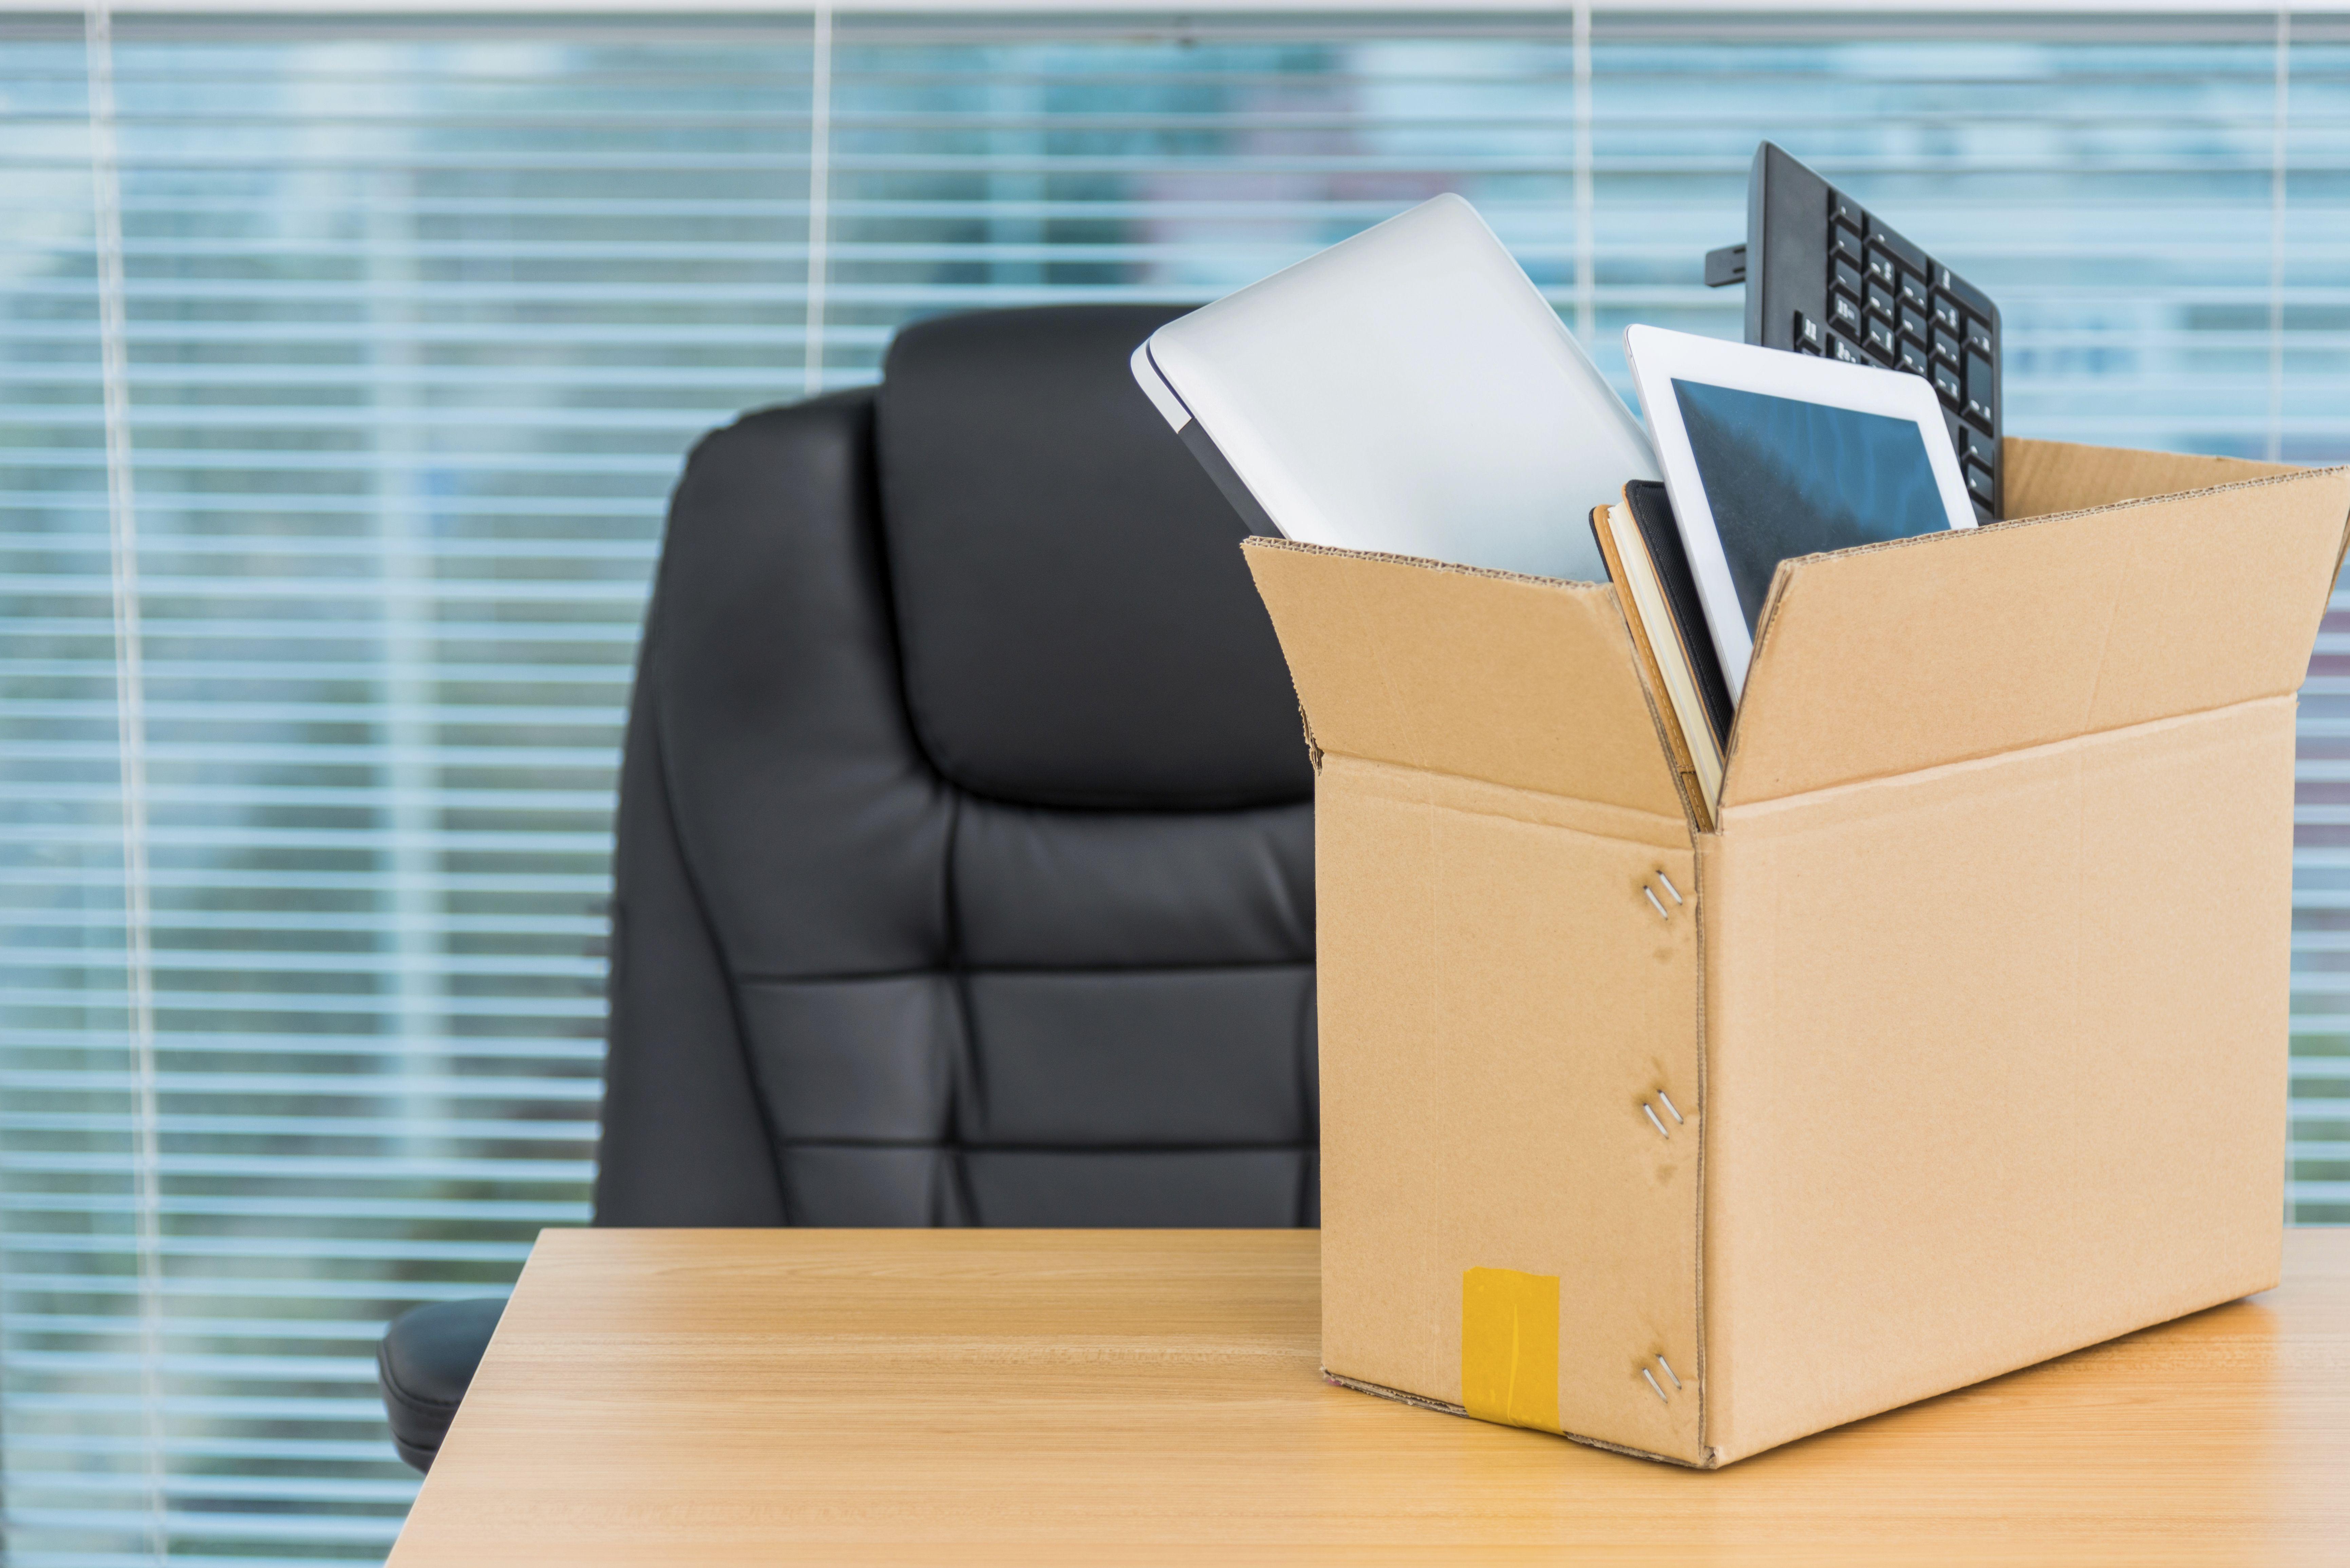 Mudanzas de oficina: Servicios de Mudanzas Revilla